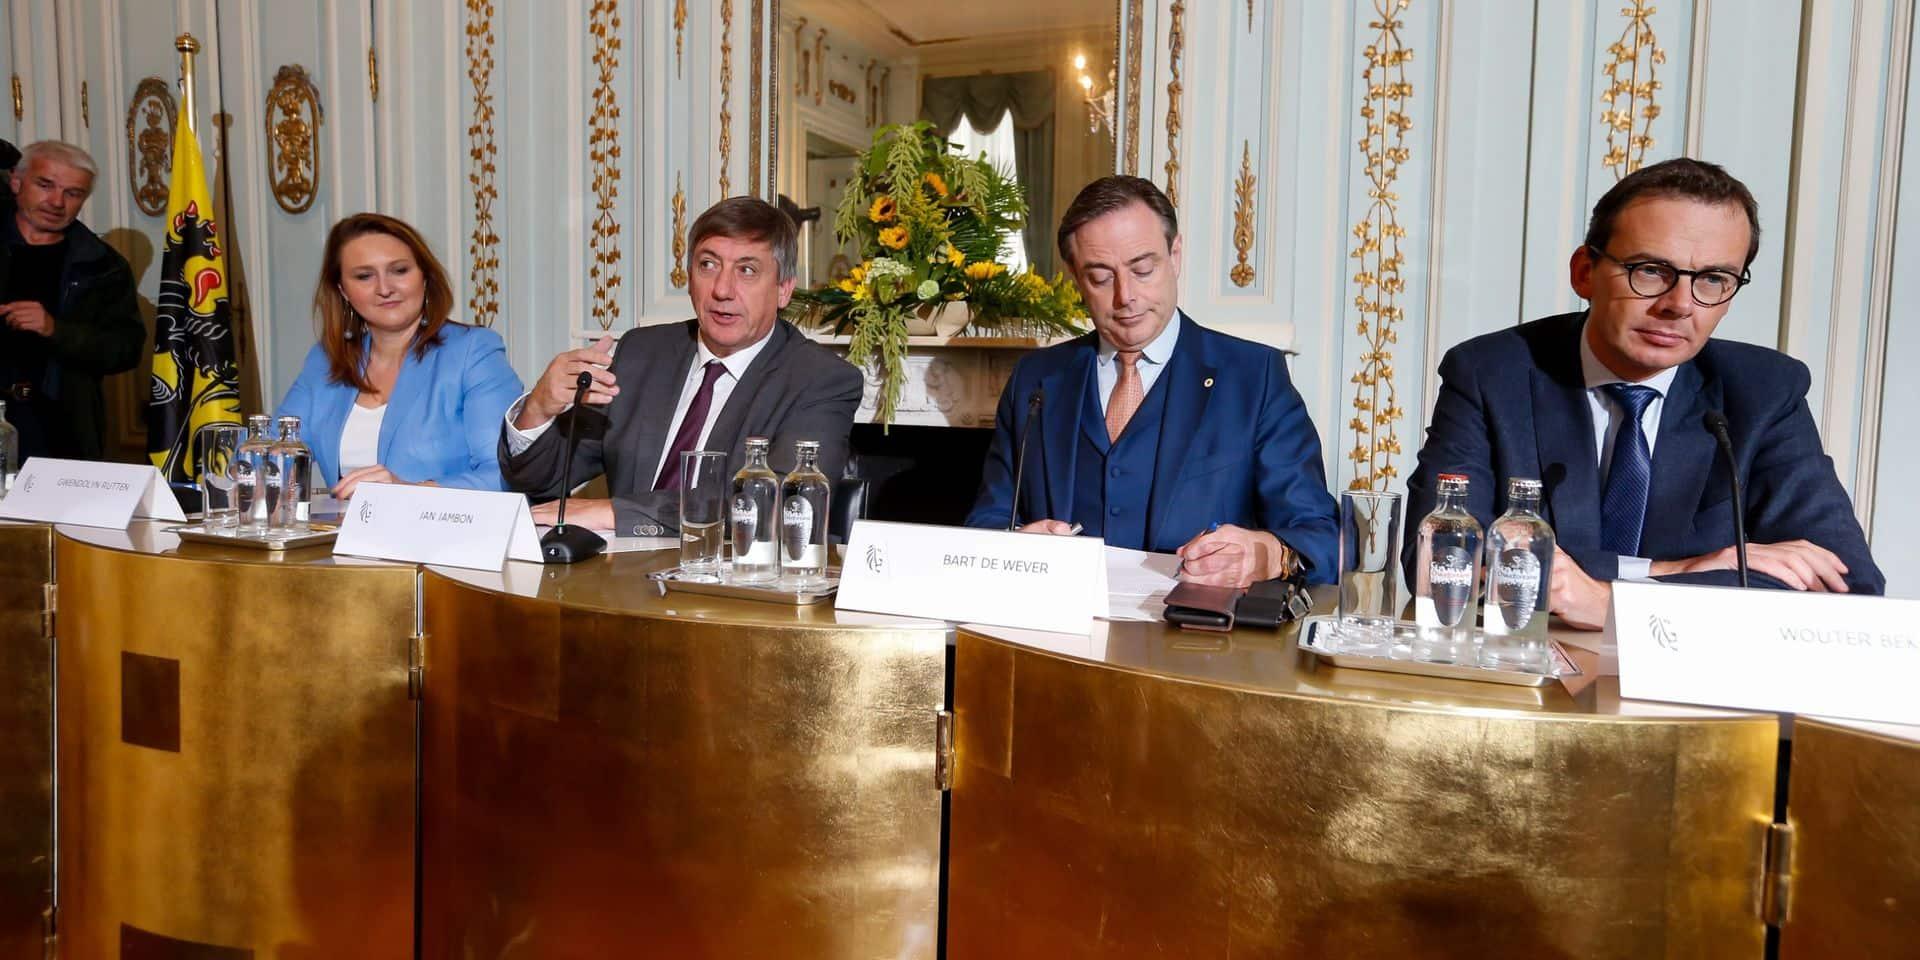 """Des années """"froides et cruelles"""" à venir pour la Flandre? """"L'extrême droite dans l'opposition peut pousser le gouvernement toujours plus loin"""""""